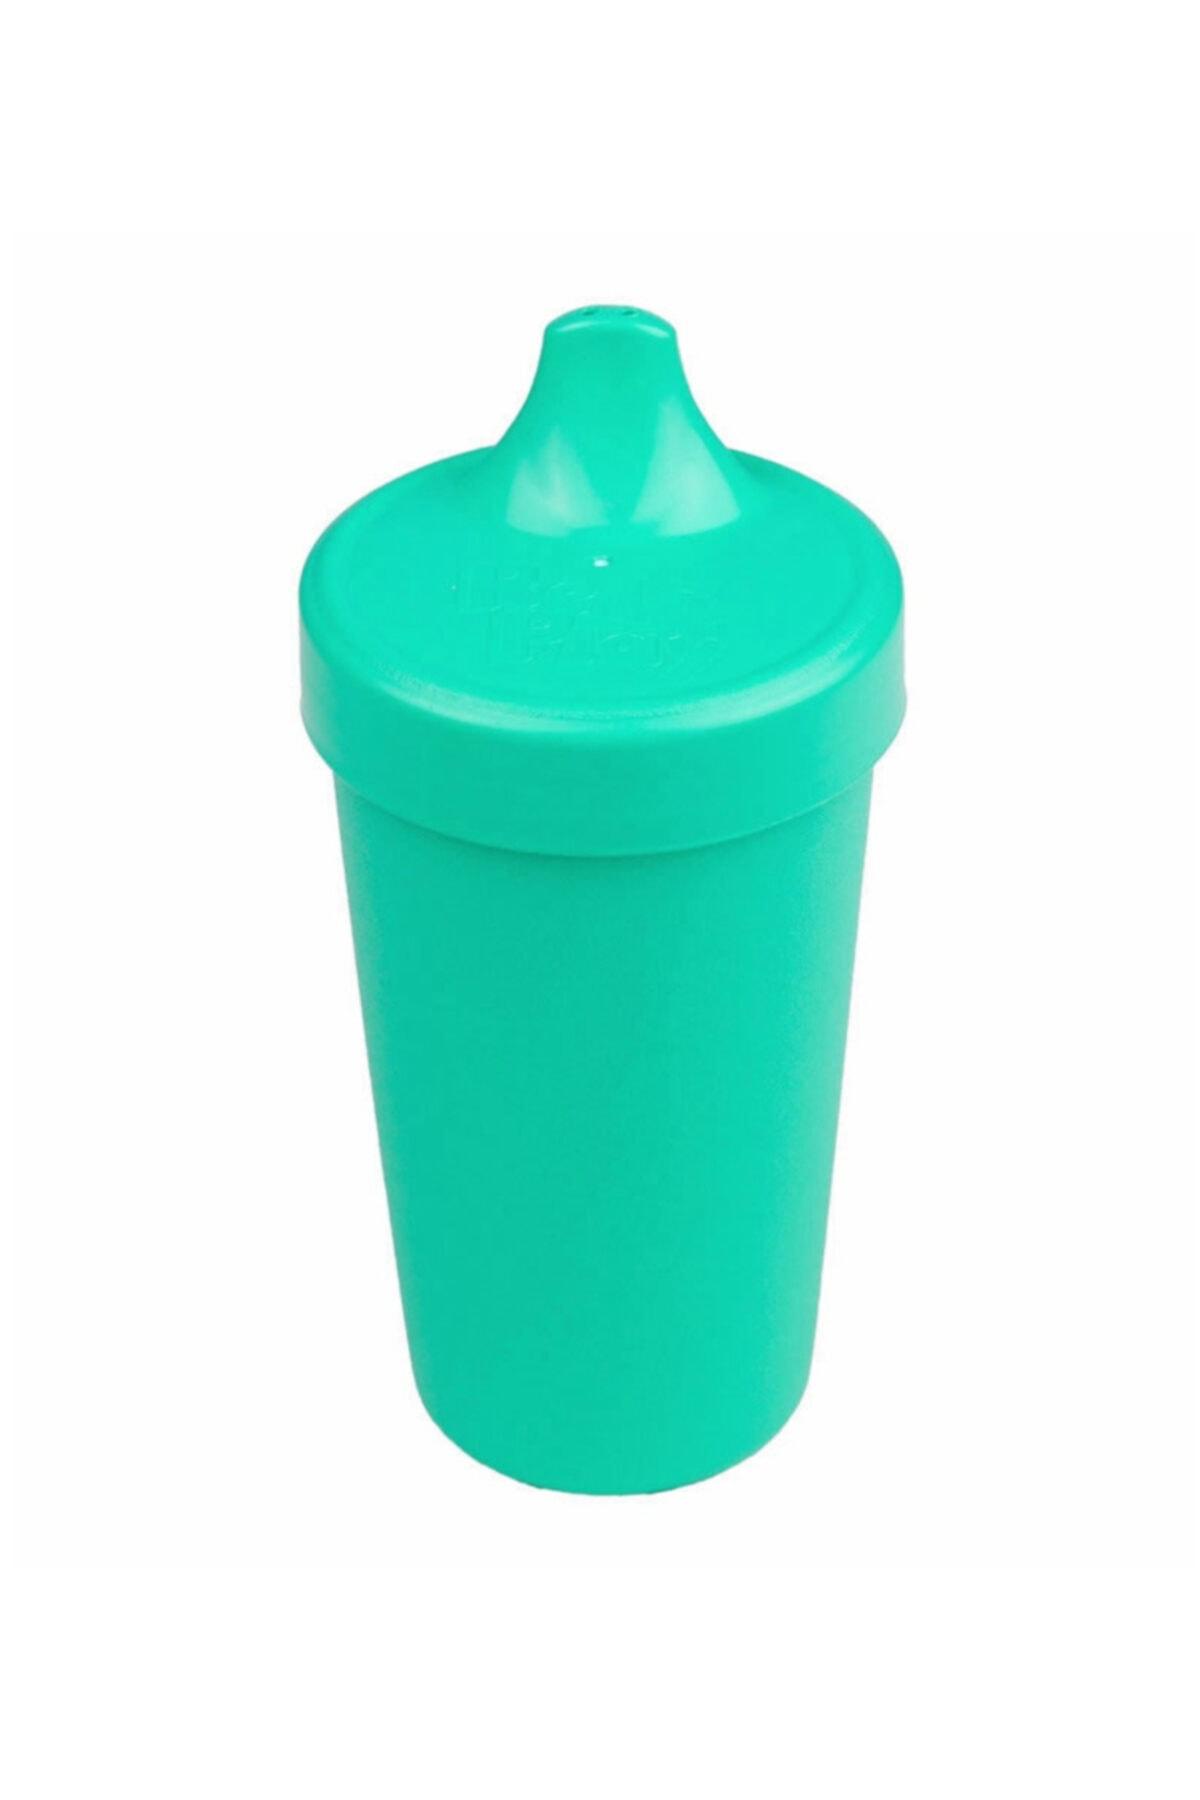 Replay Yeşil Akıtmaz Alıştırma Bardağı 1